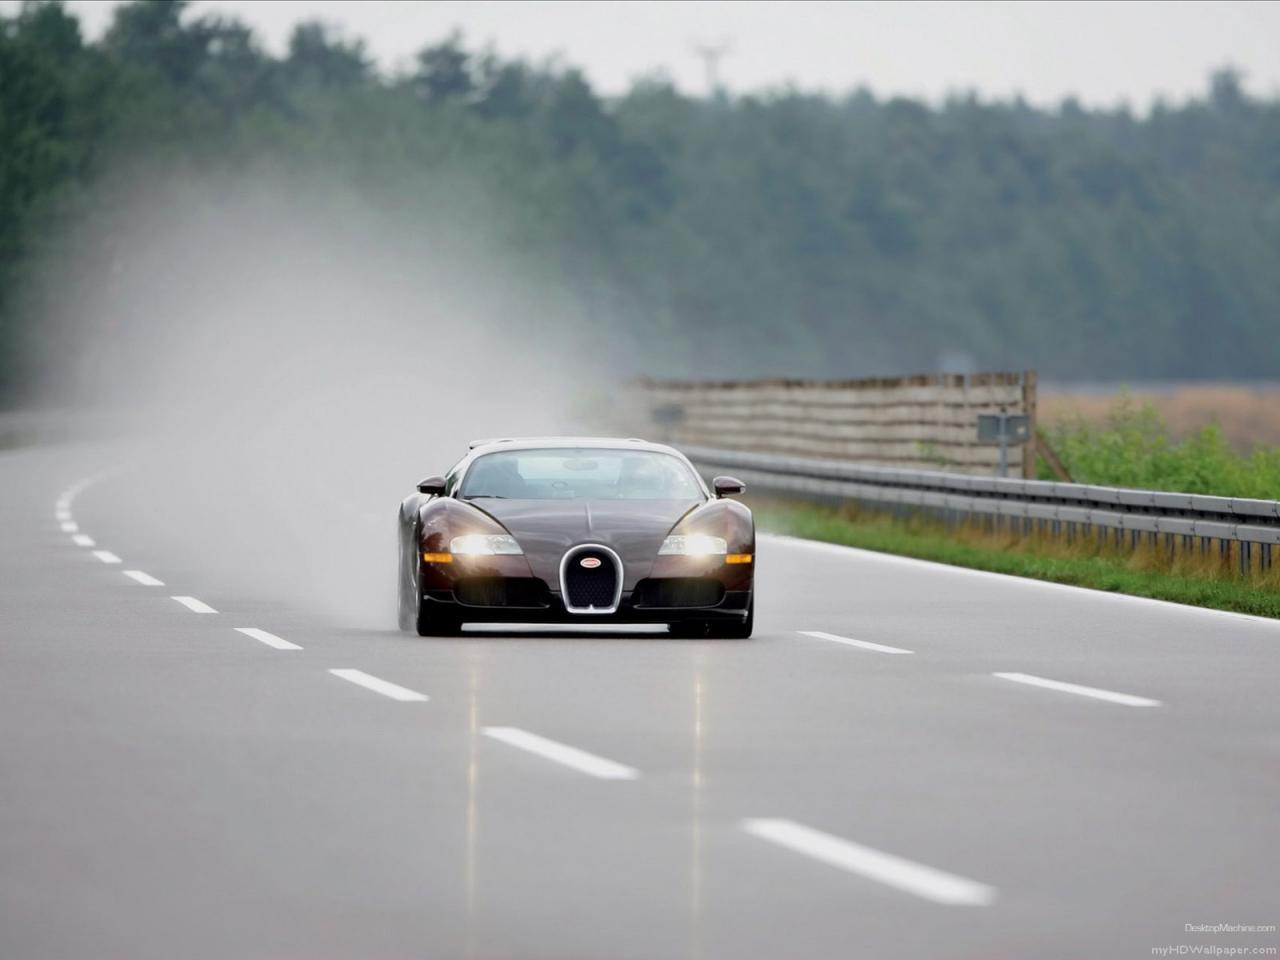 http://1.bp.blogspot.com/_VujjSjj5kpE/Sm7blSUXYhI/AAAAAAAAAFI/4h0eUrH_SWA/s1600/Bugatti_00007.jpg